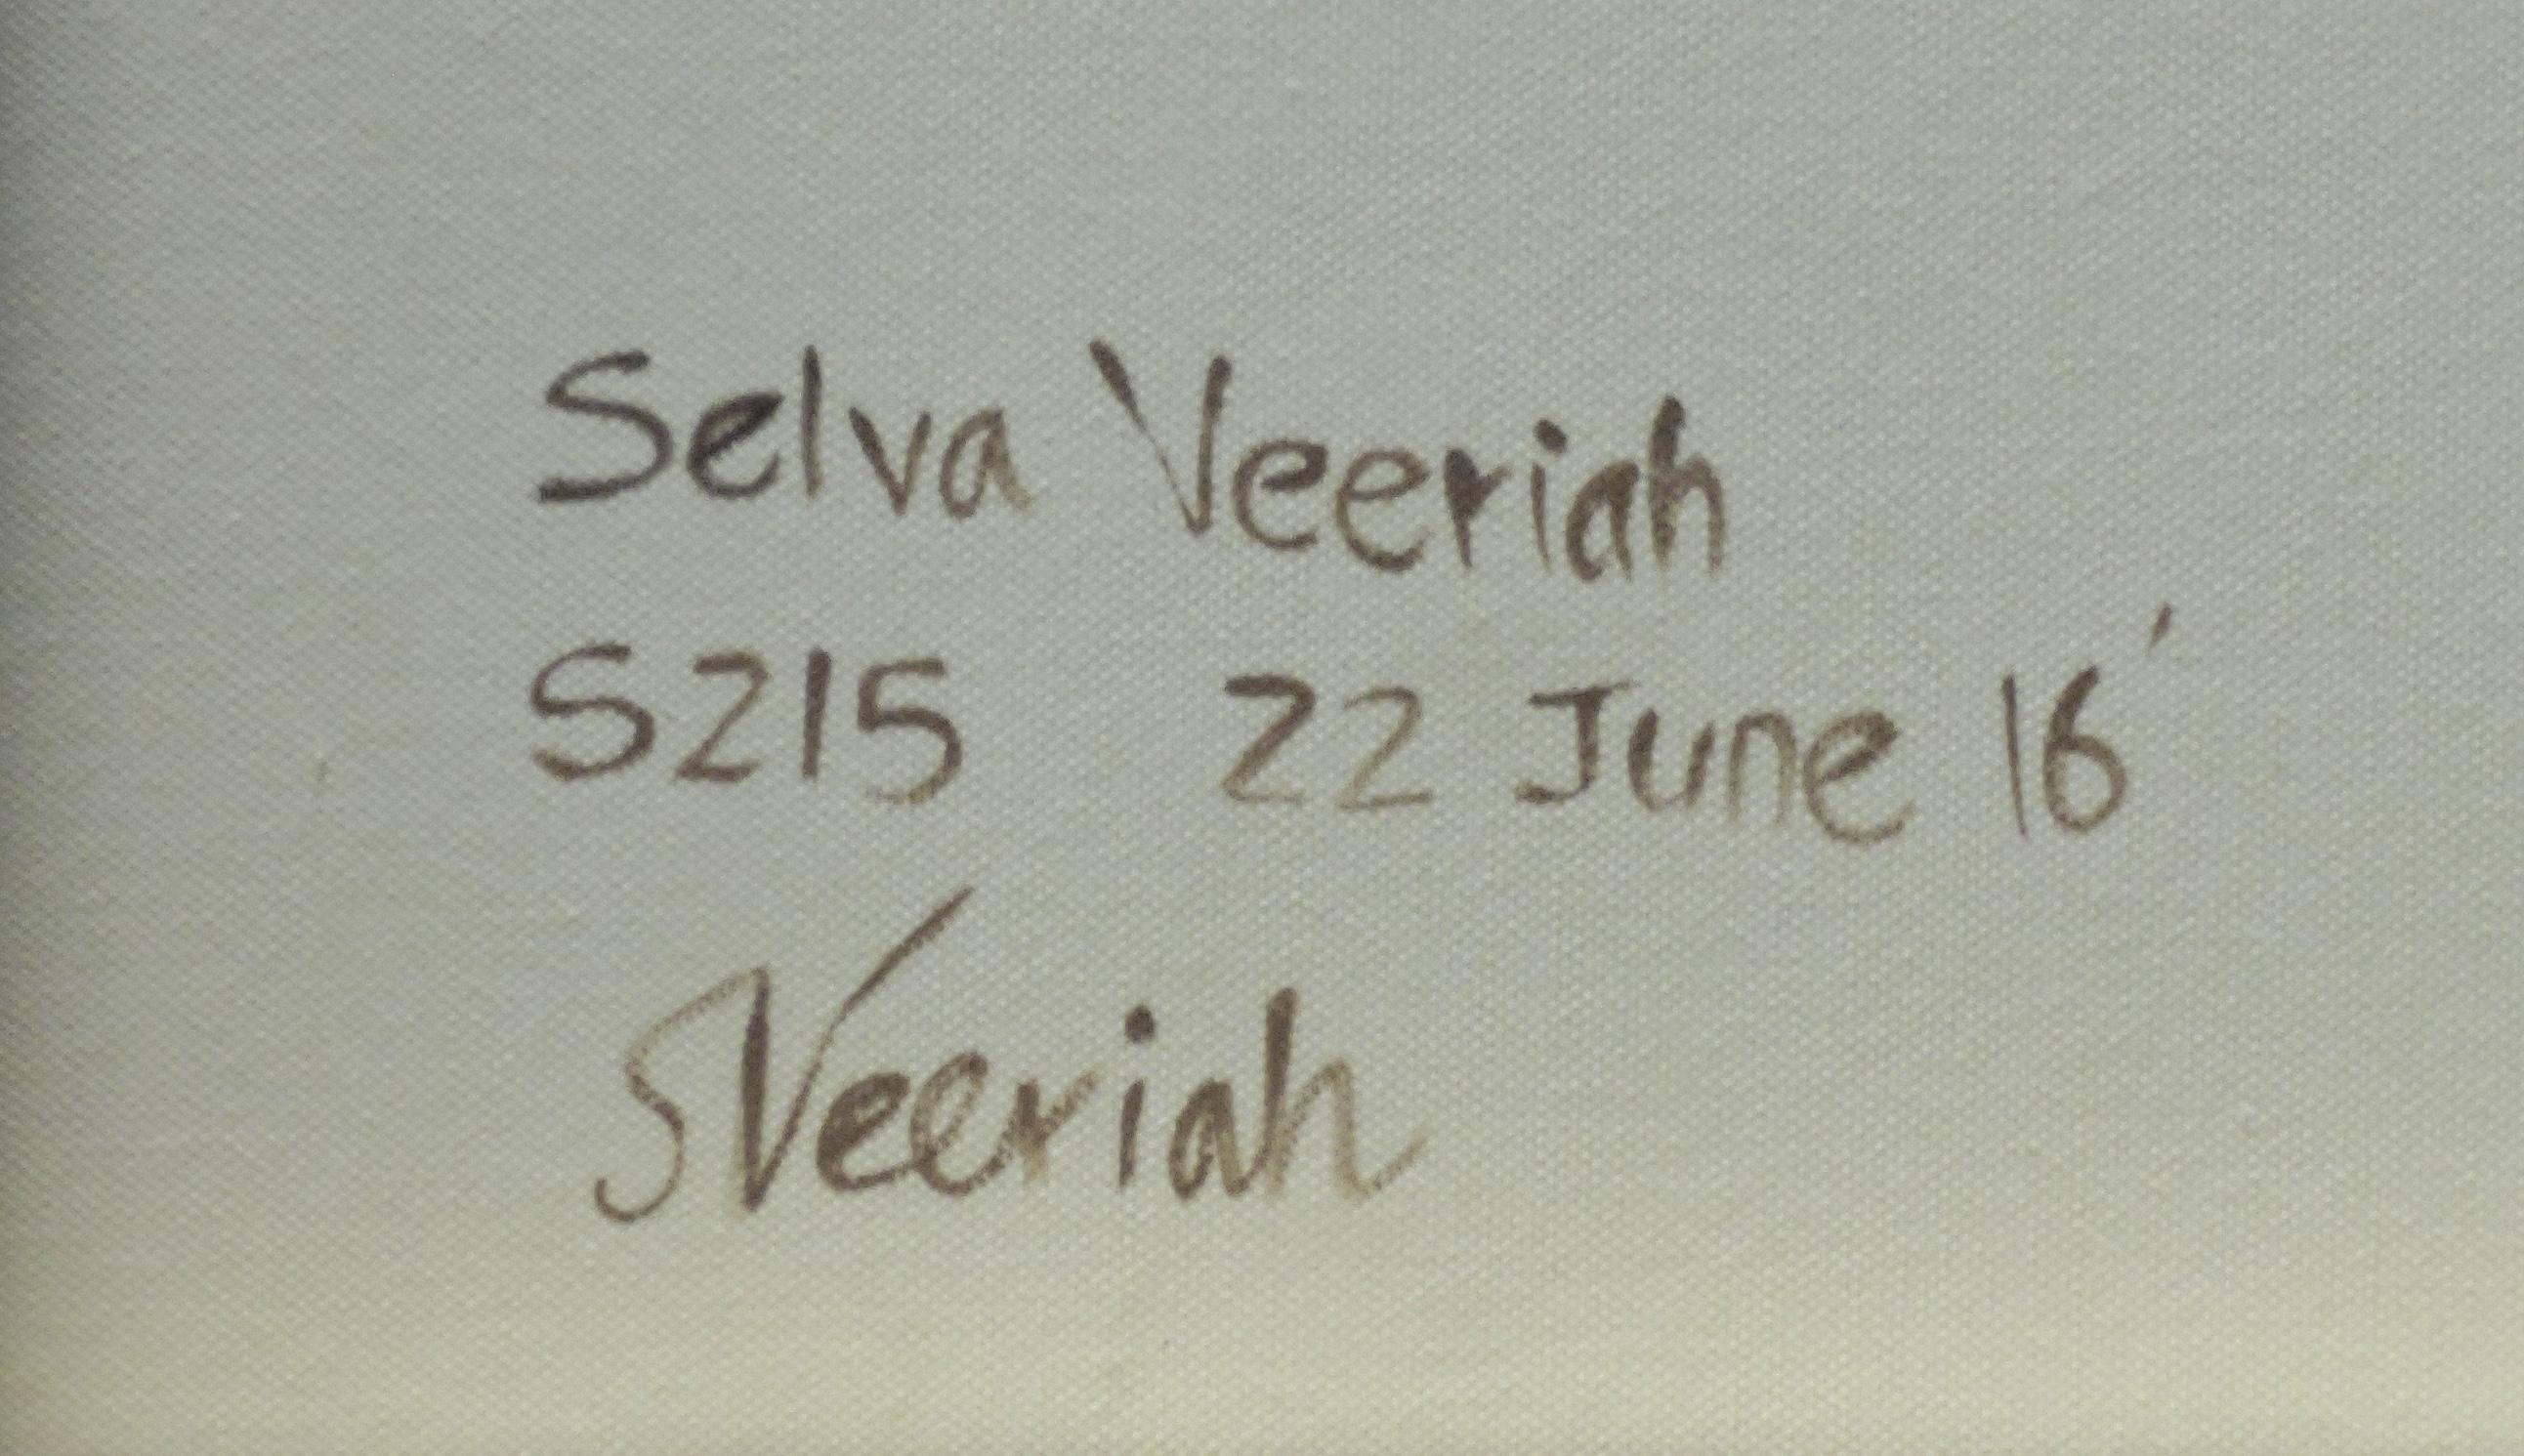 S215 Close-up (Signature)